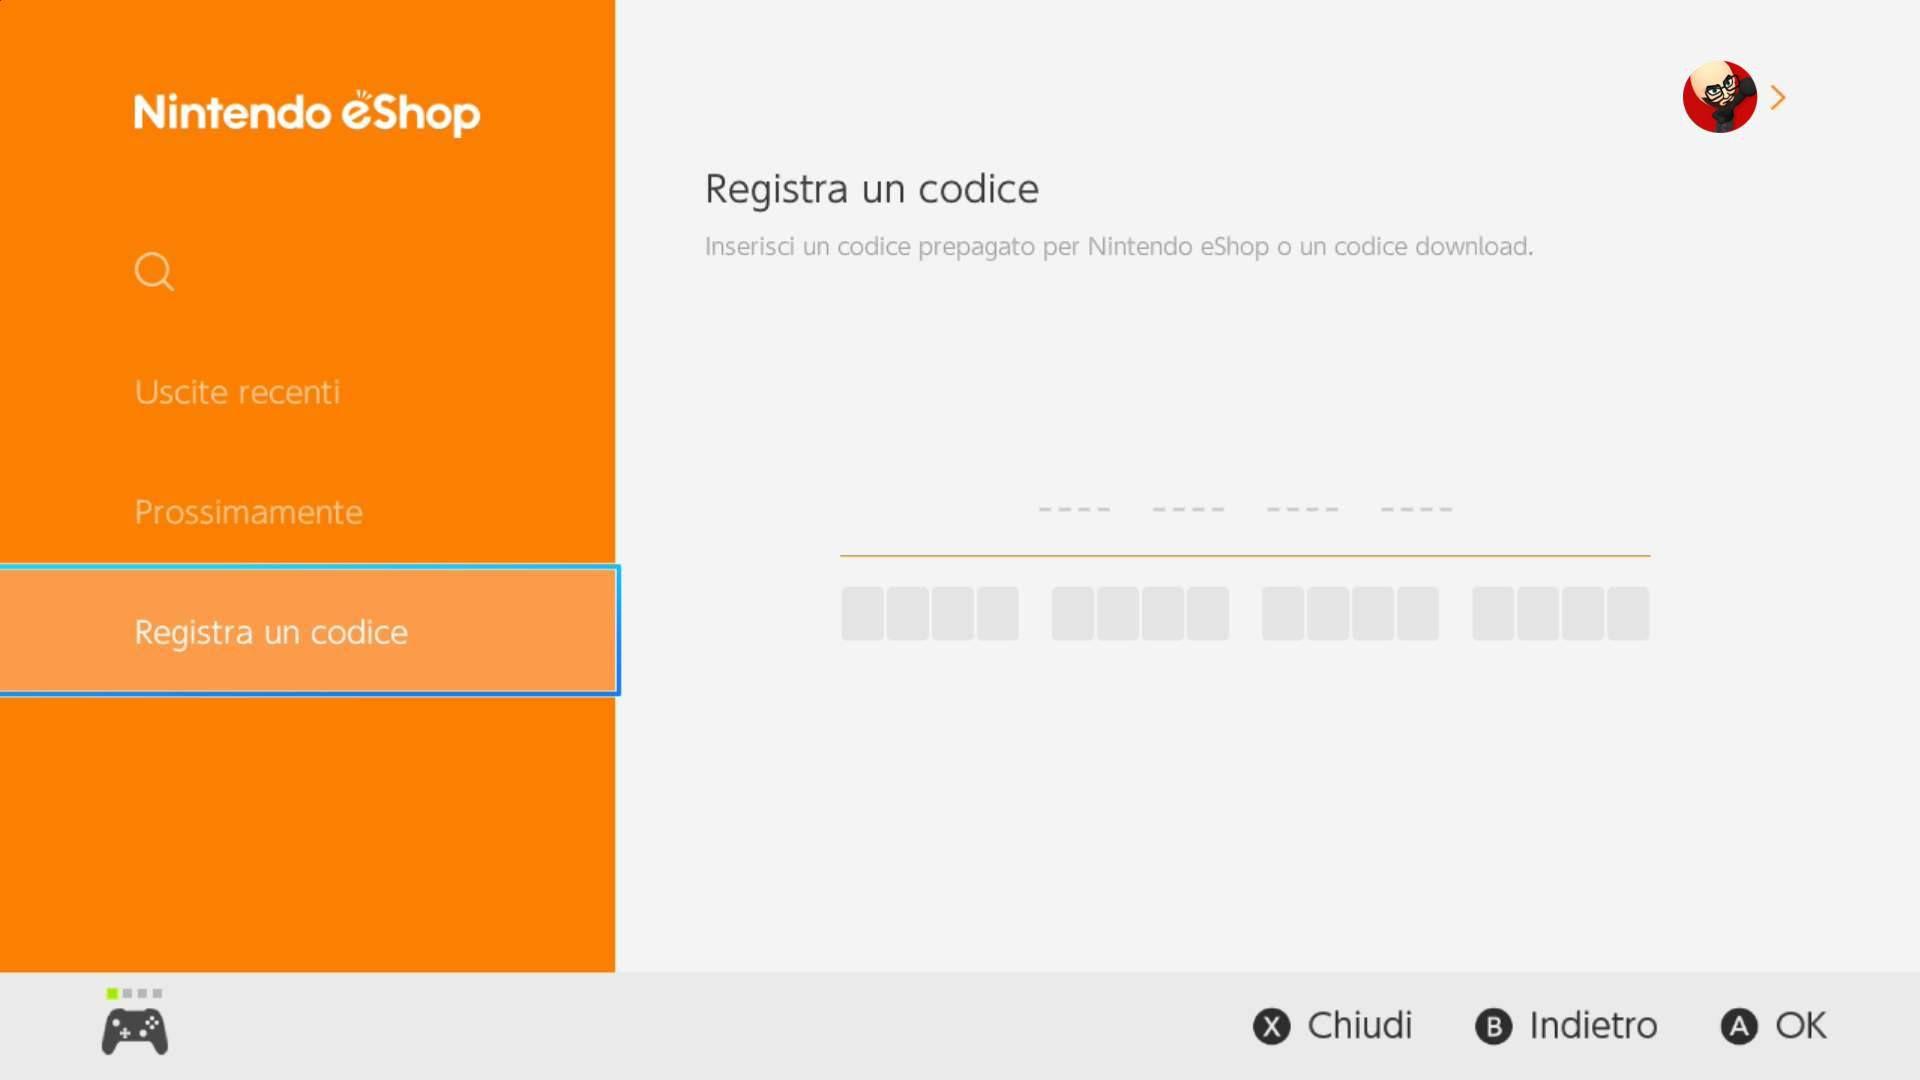 Nintendo fuorilegge in Europa sulle politiche dei rimborsi dei prodotti digitali 61